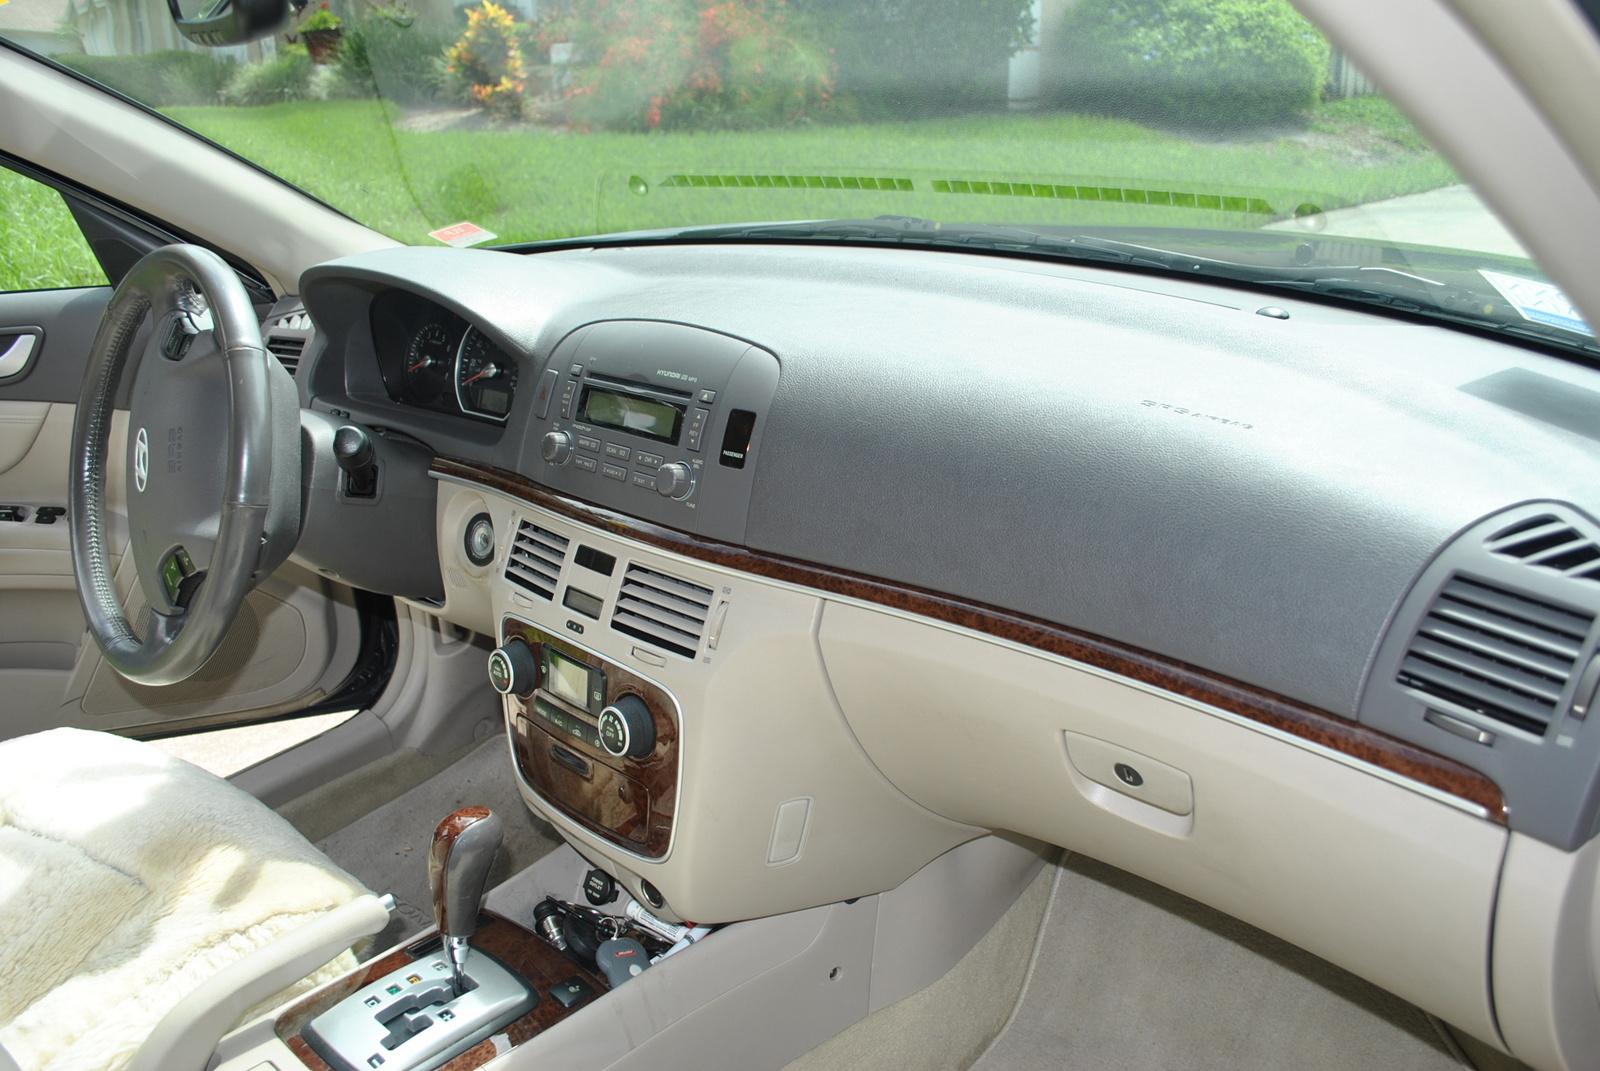 2006 hyundai sonata interior pictures cargurus for Hyundai sonata 2006 interior